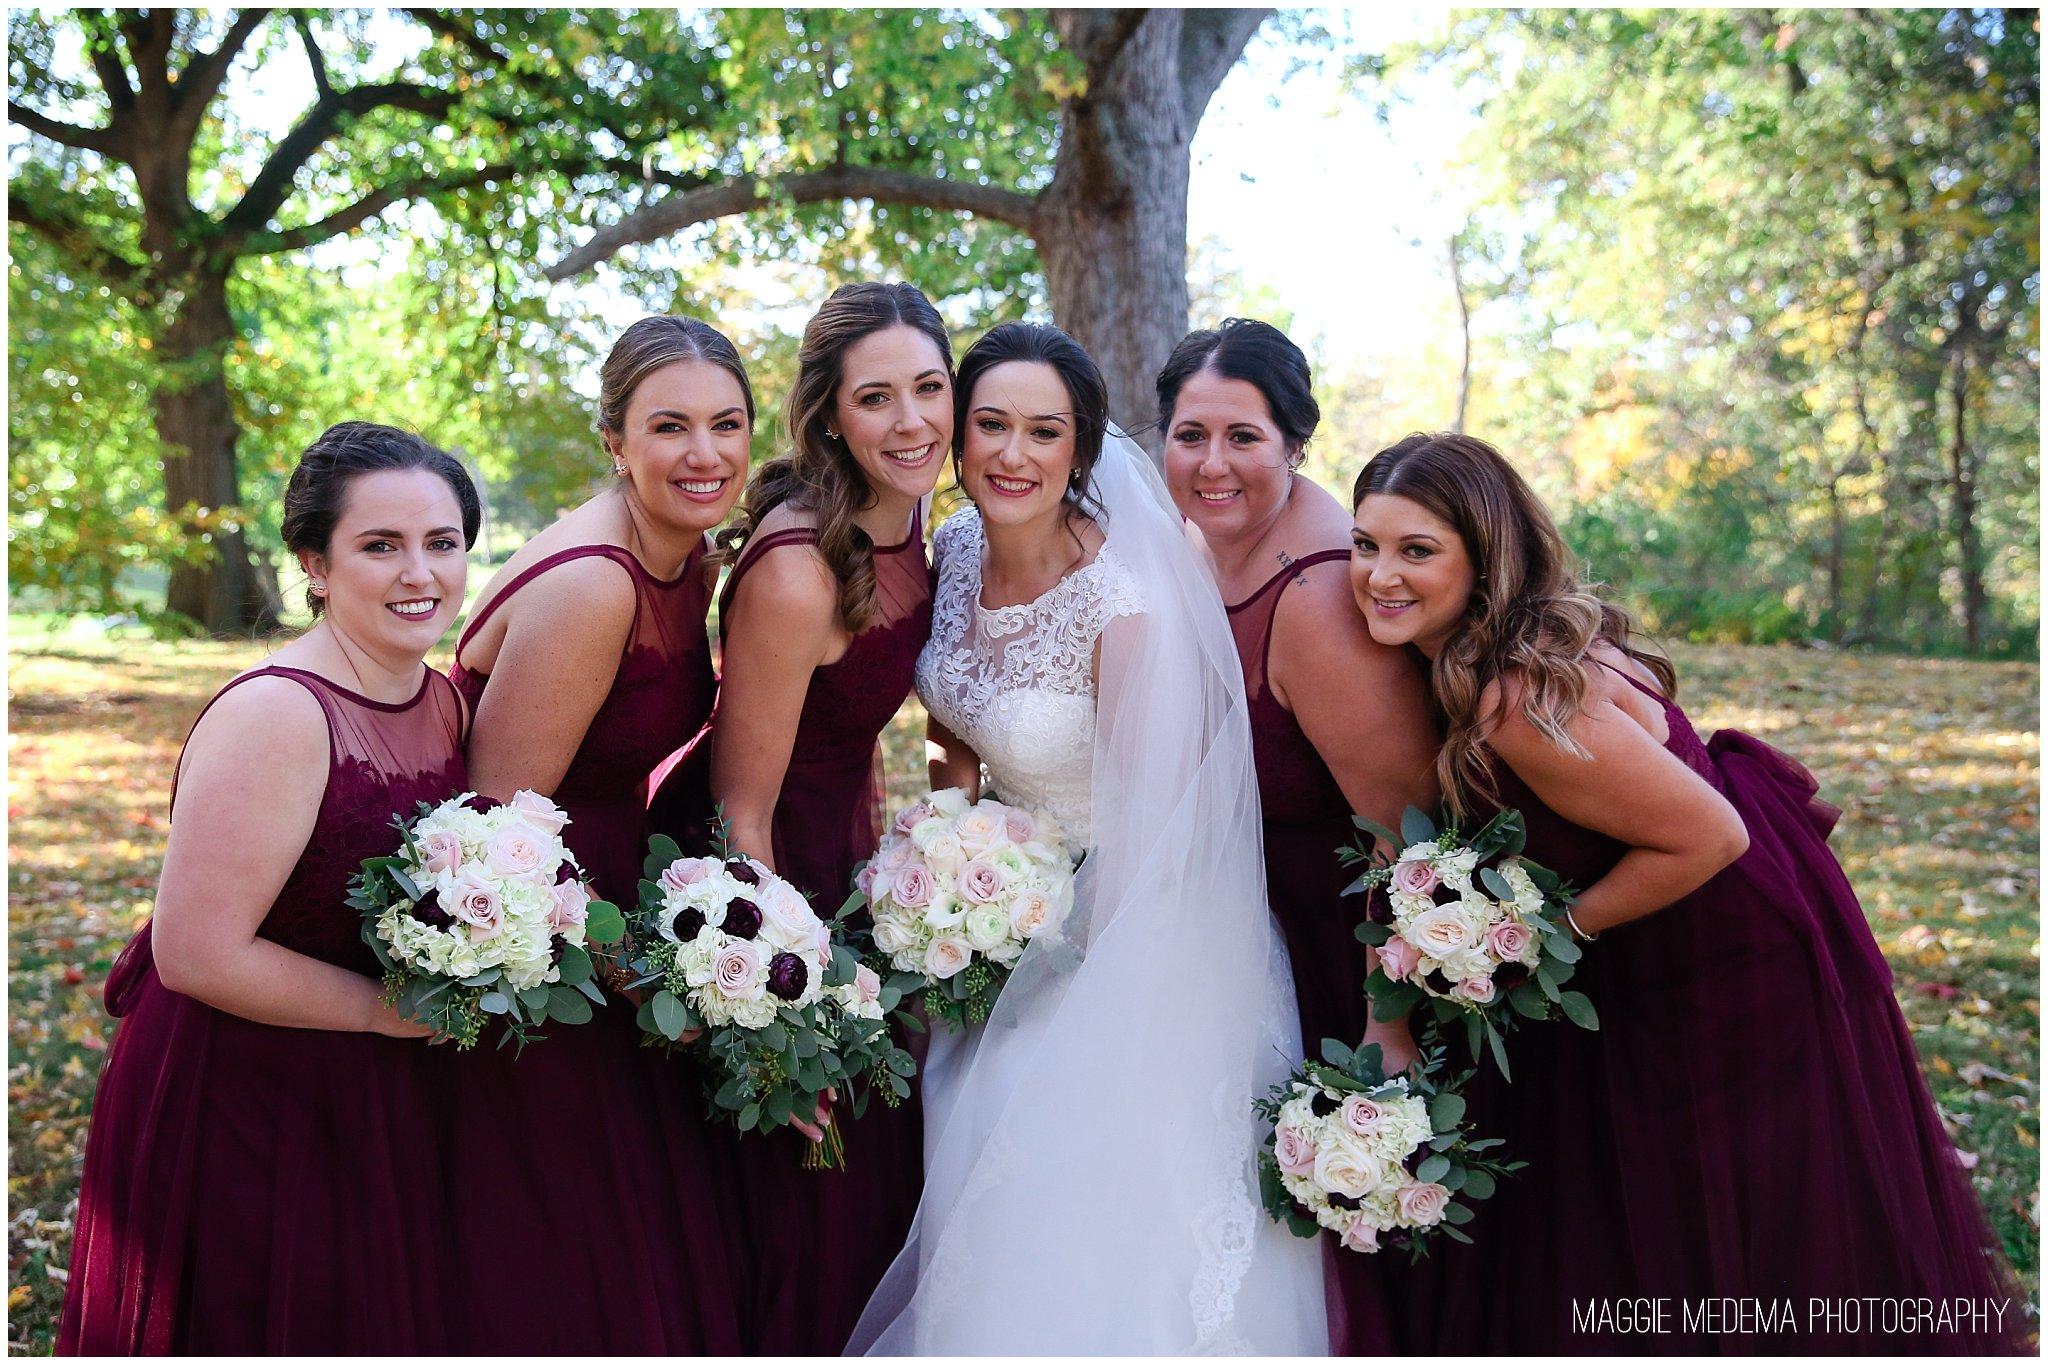 St. Louis Bridesmaids